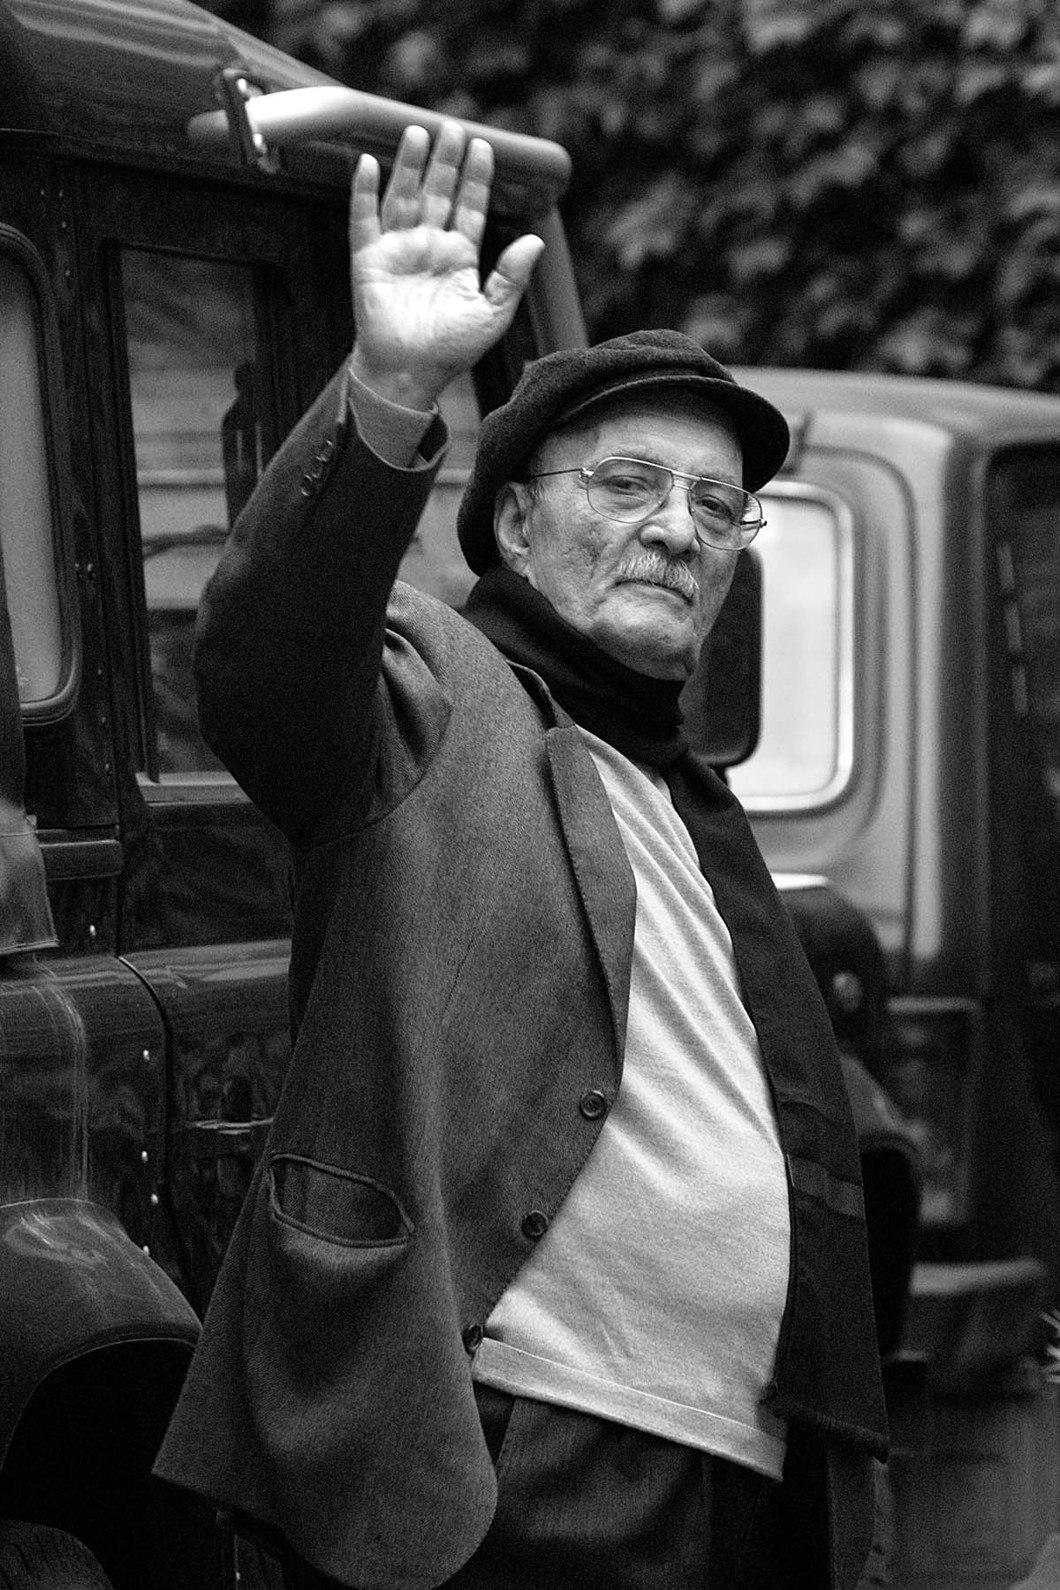 Умер легендарный режиссёр Георгий Данелия. Ему было 88 лет